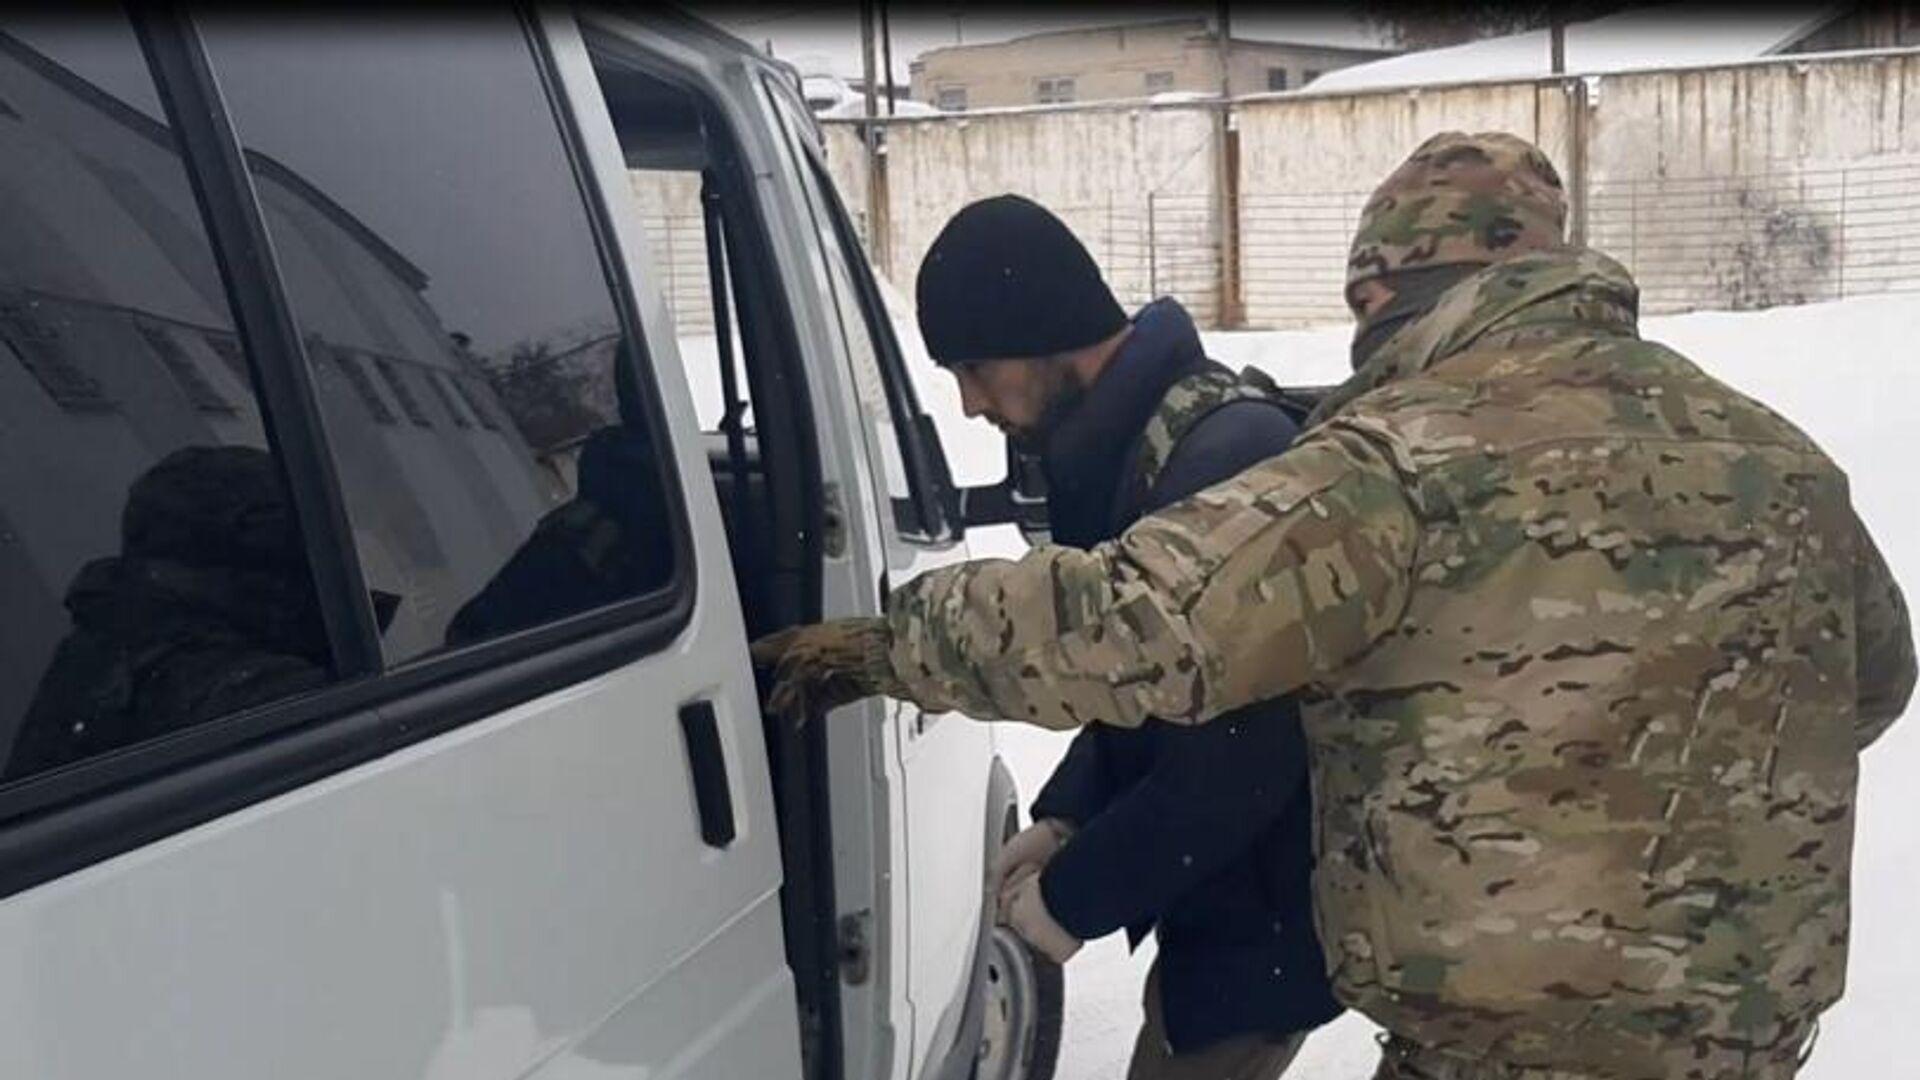 Задержание участников межрегиональной ячейки запрещенной в России организации Катиба Таухид валь - Джихад* в Новосибирске - РИА Новости, 1920, 15.02.2021